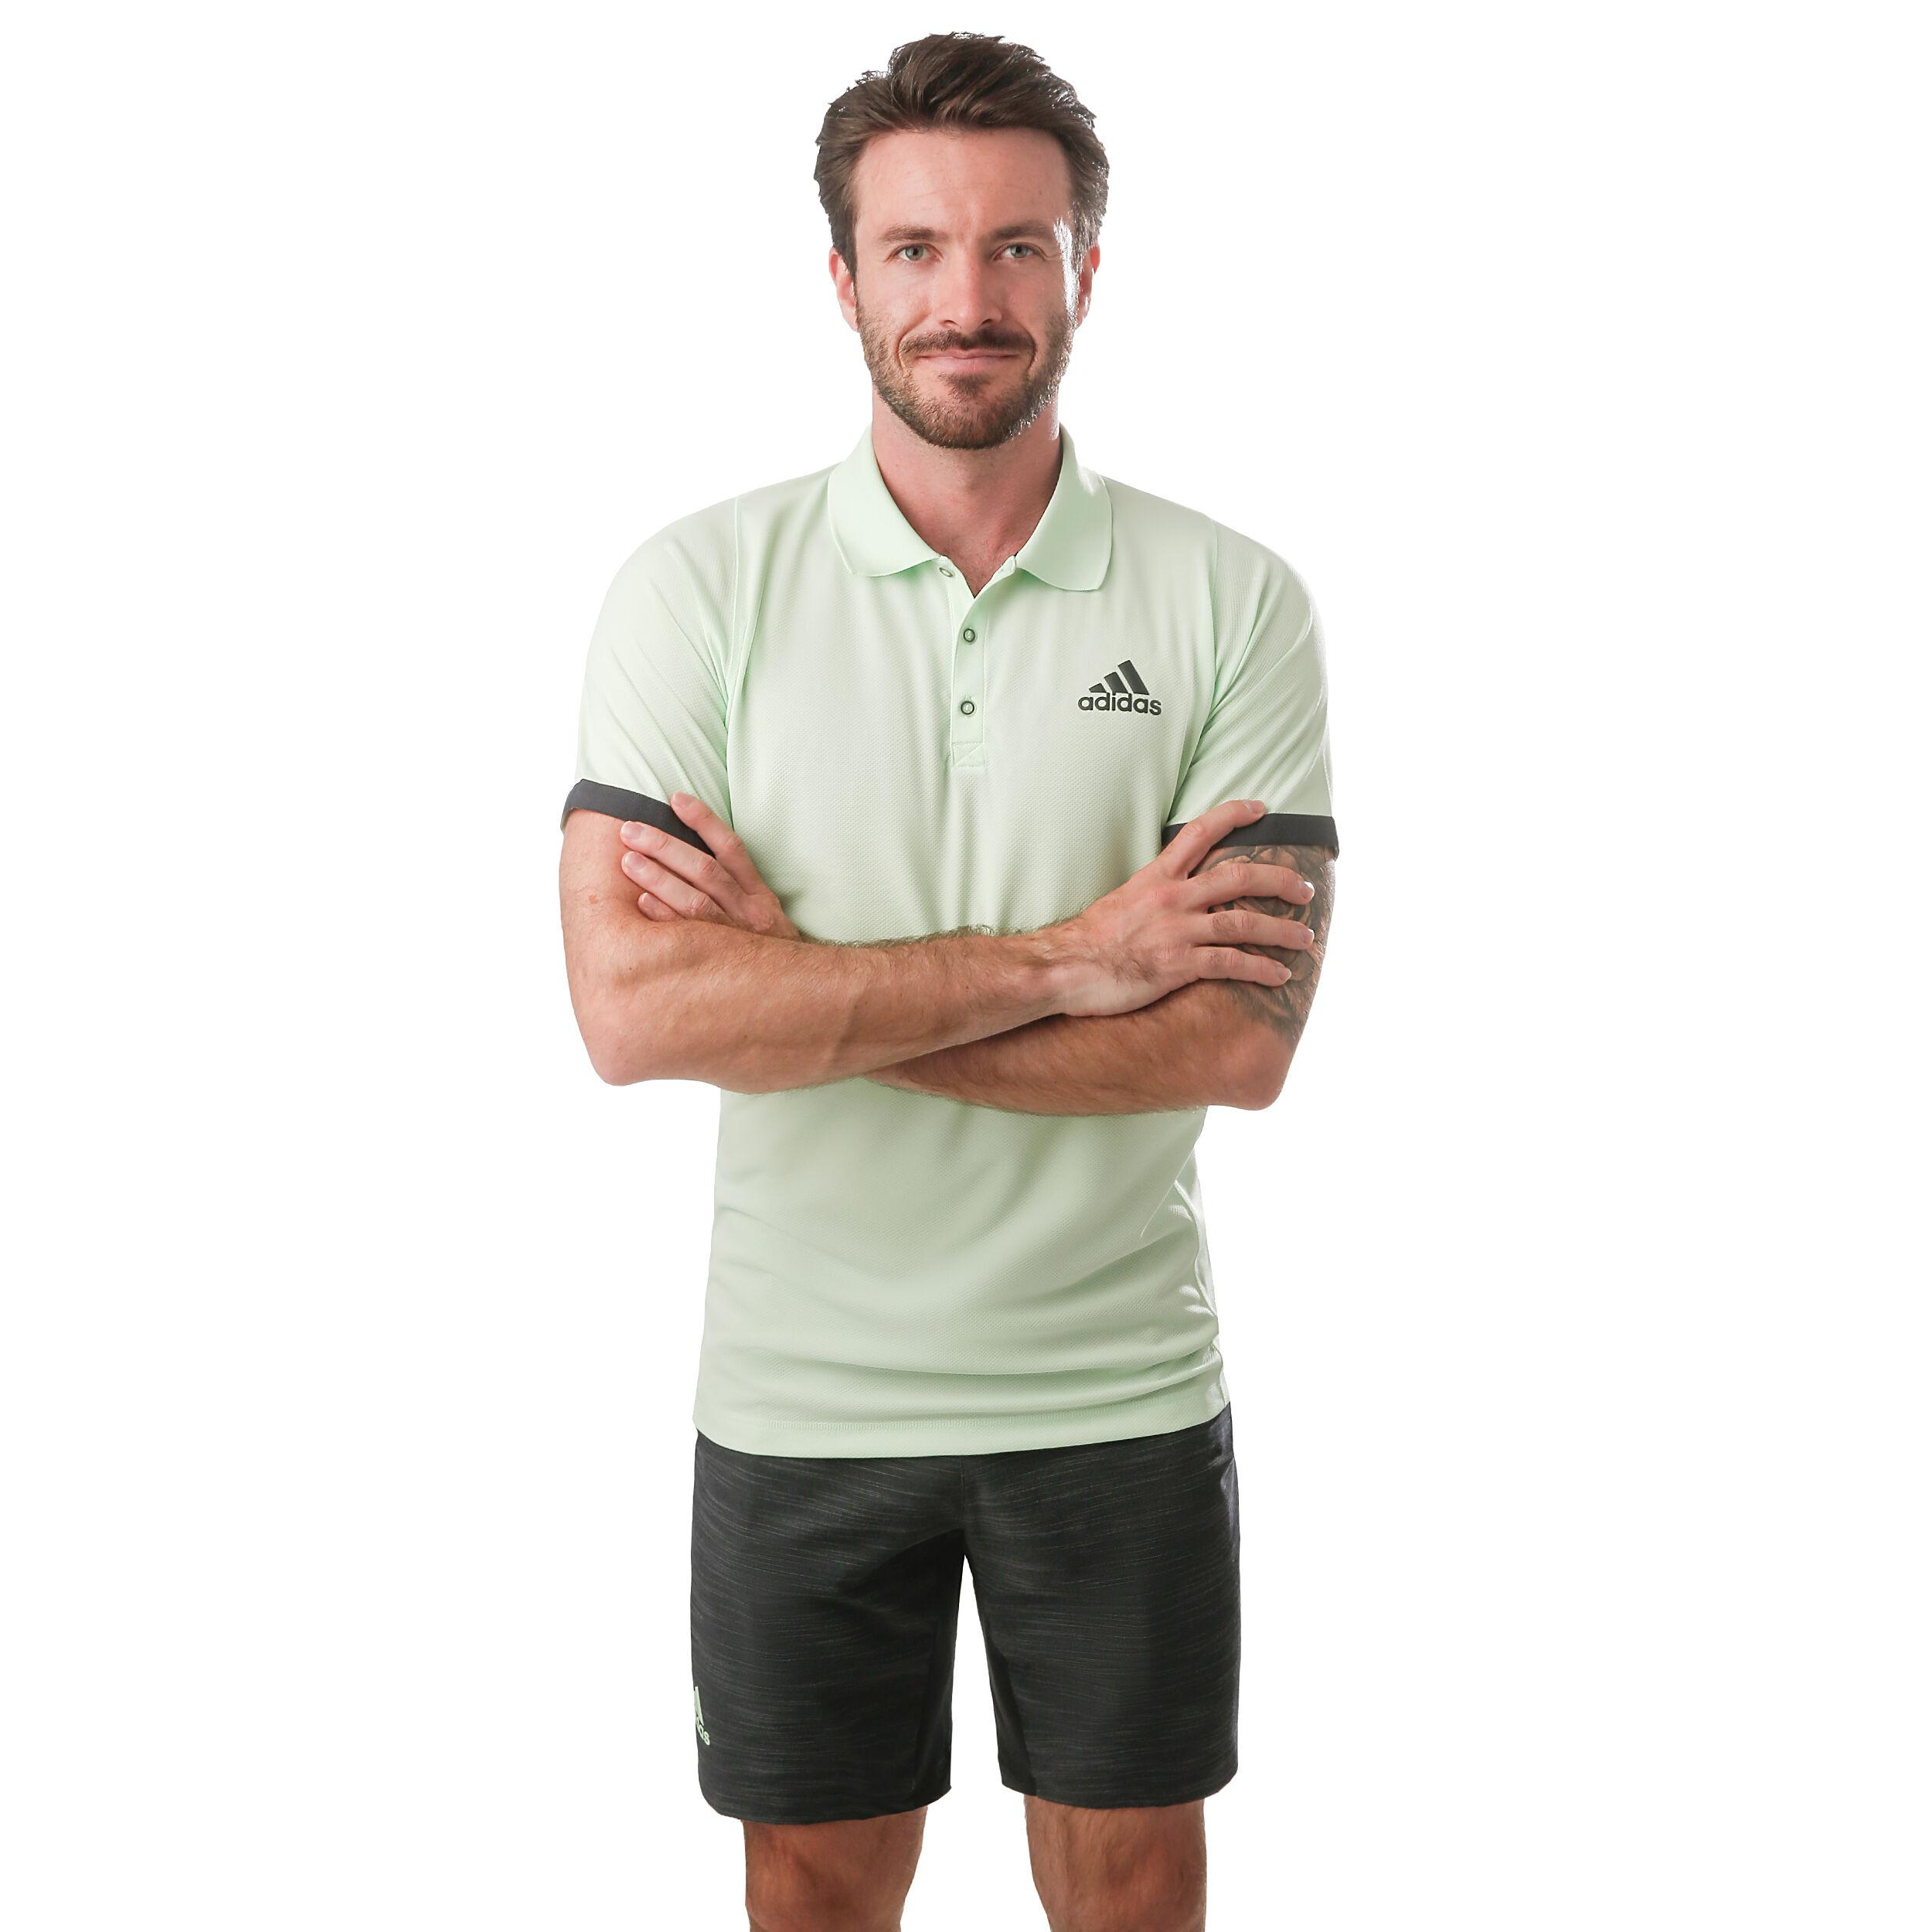 Adidas New York Styles 2019 online kaufen | Tennis Point